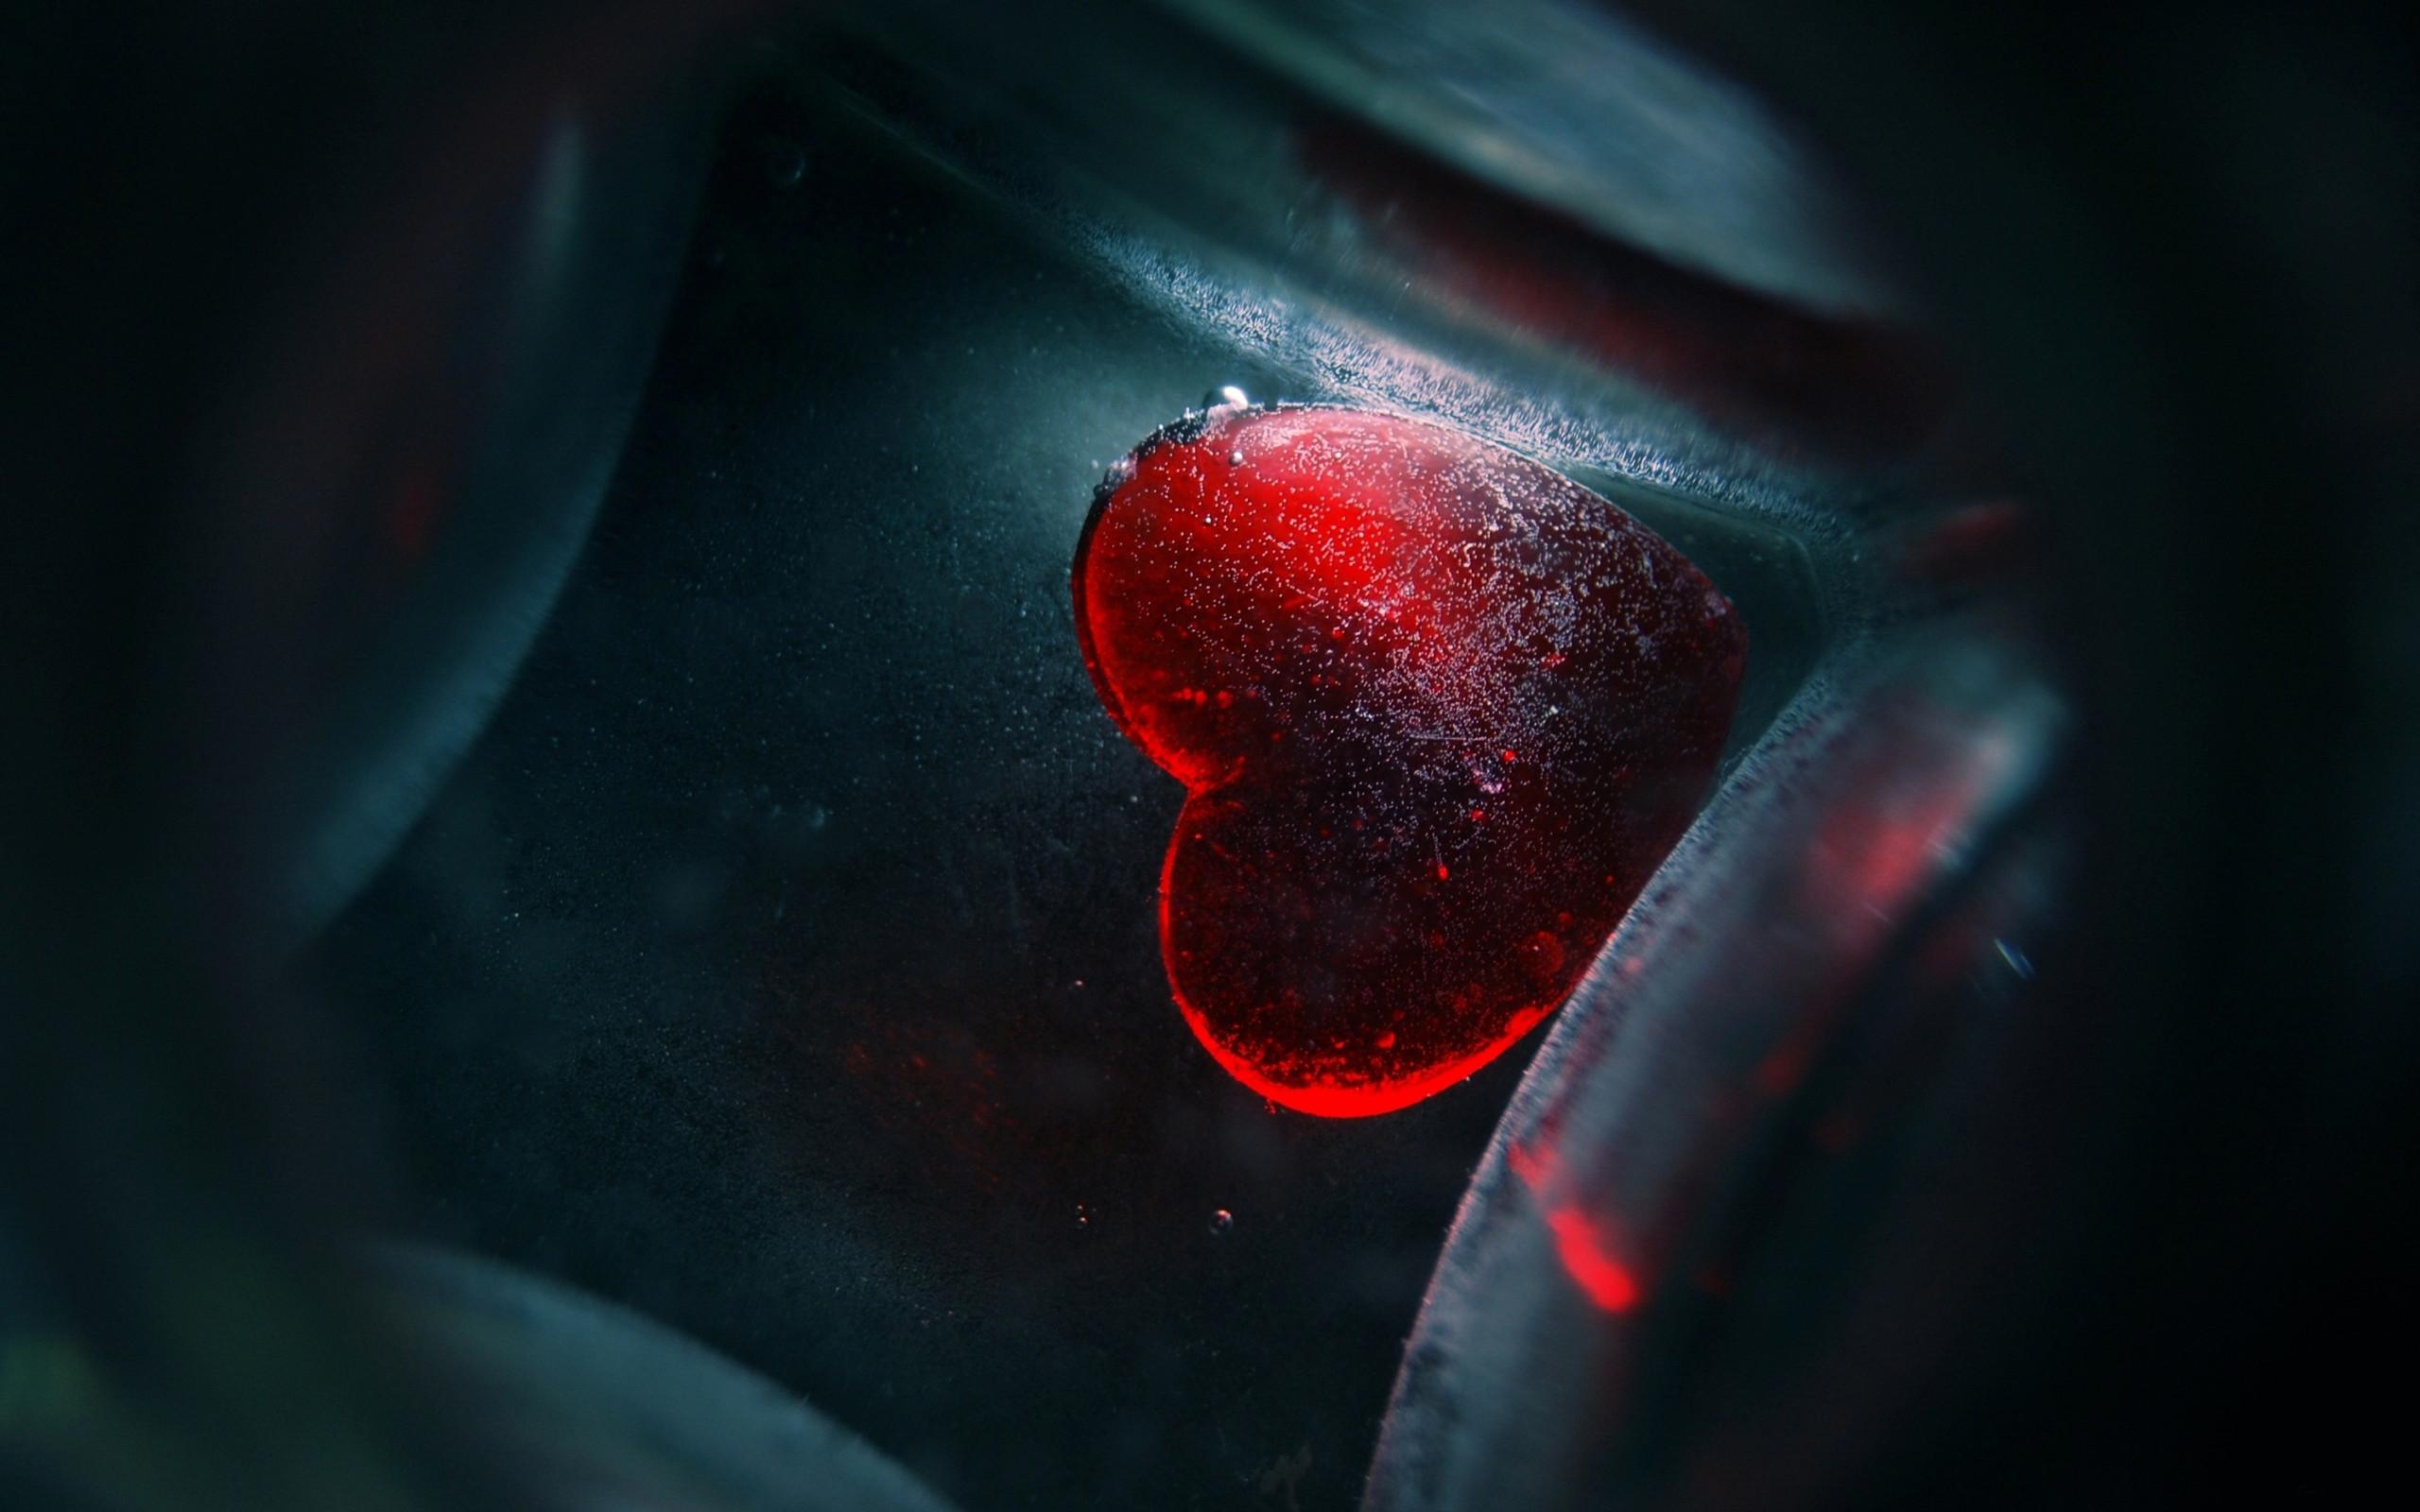 Love Wallpaper: Heart Background Wallpaper HD Resolution Wallpaper .